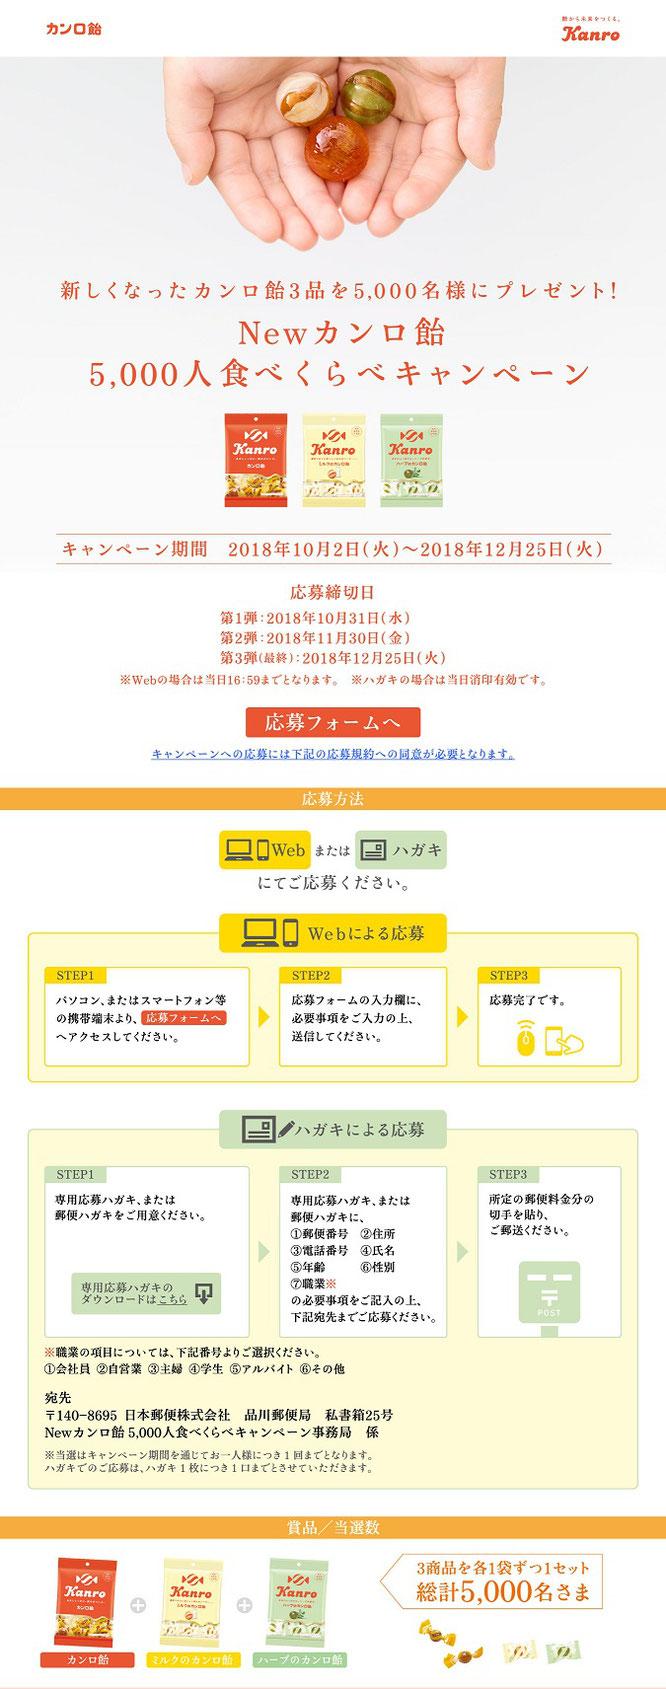 【カンロ】Newカンロ飴 5,000人食べくらべキャンペーン